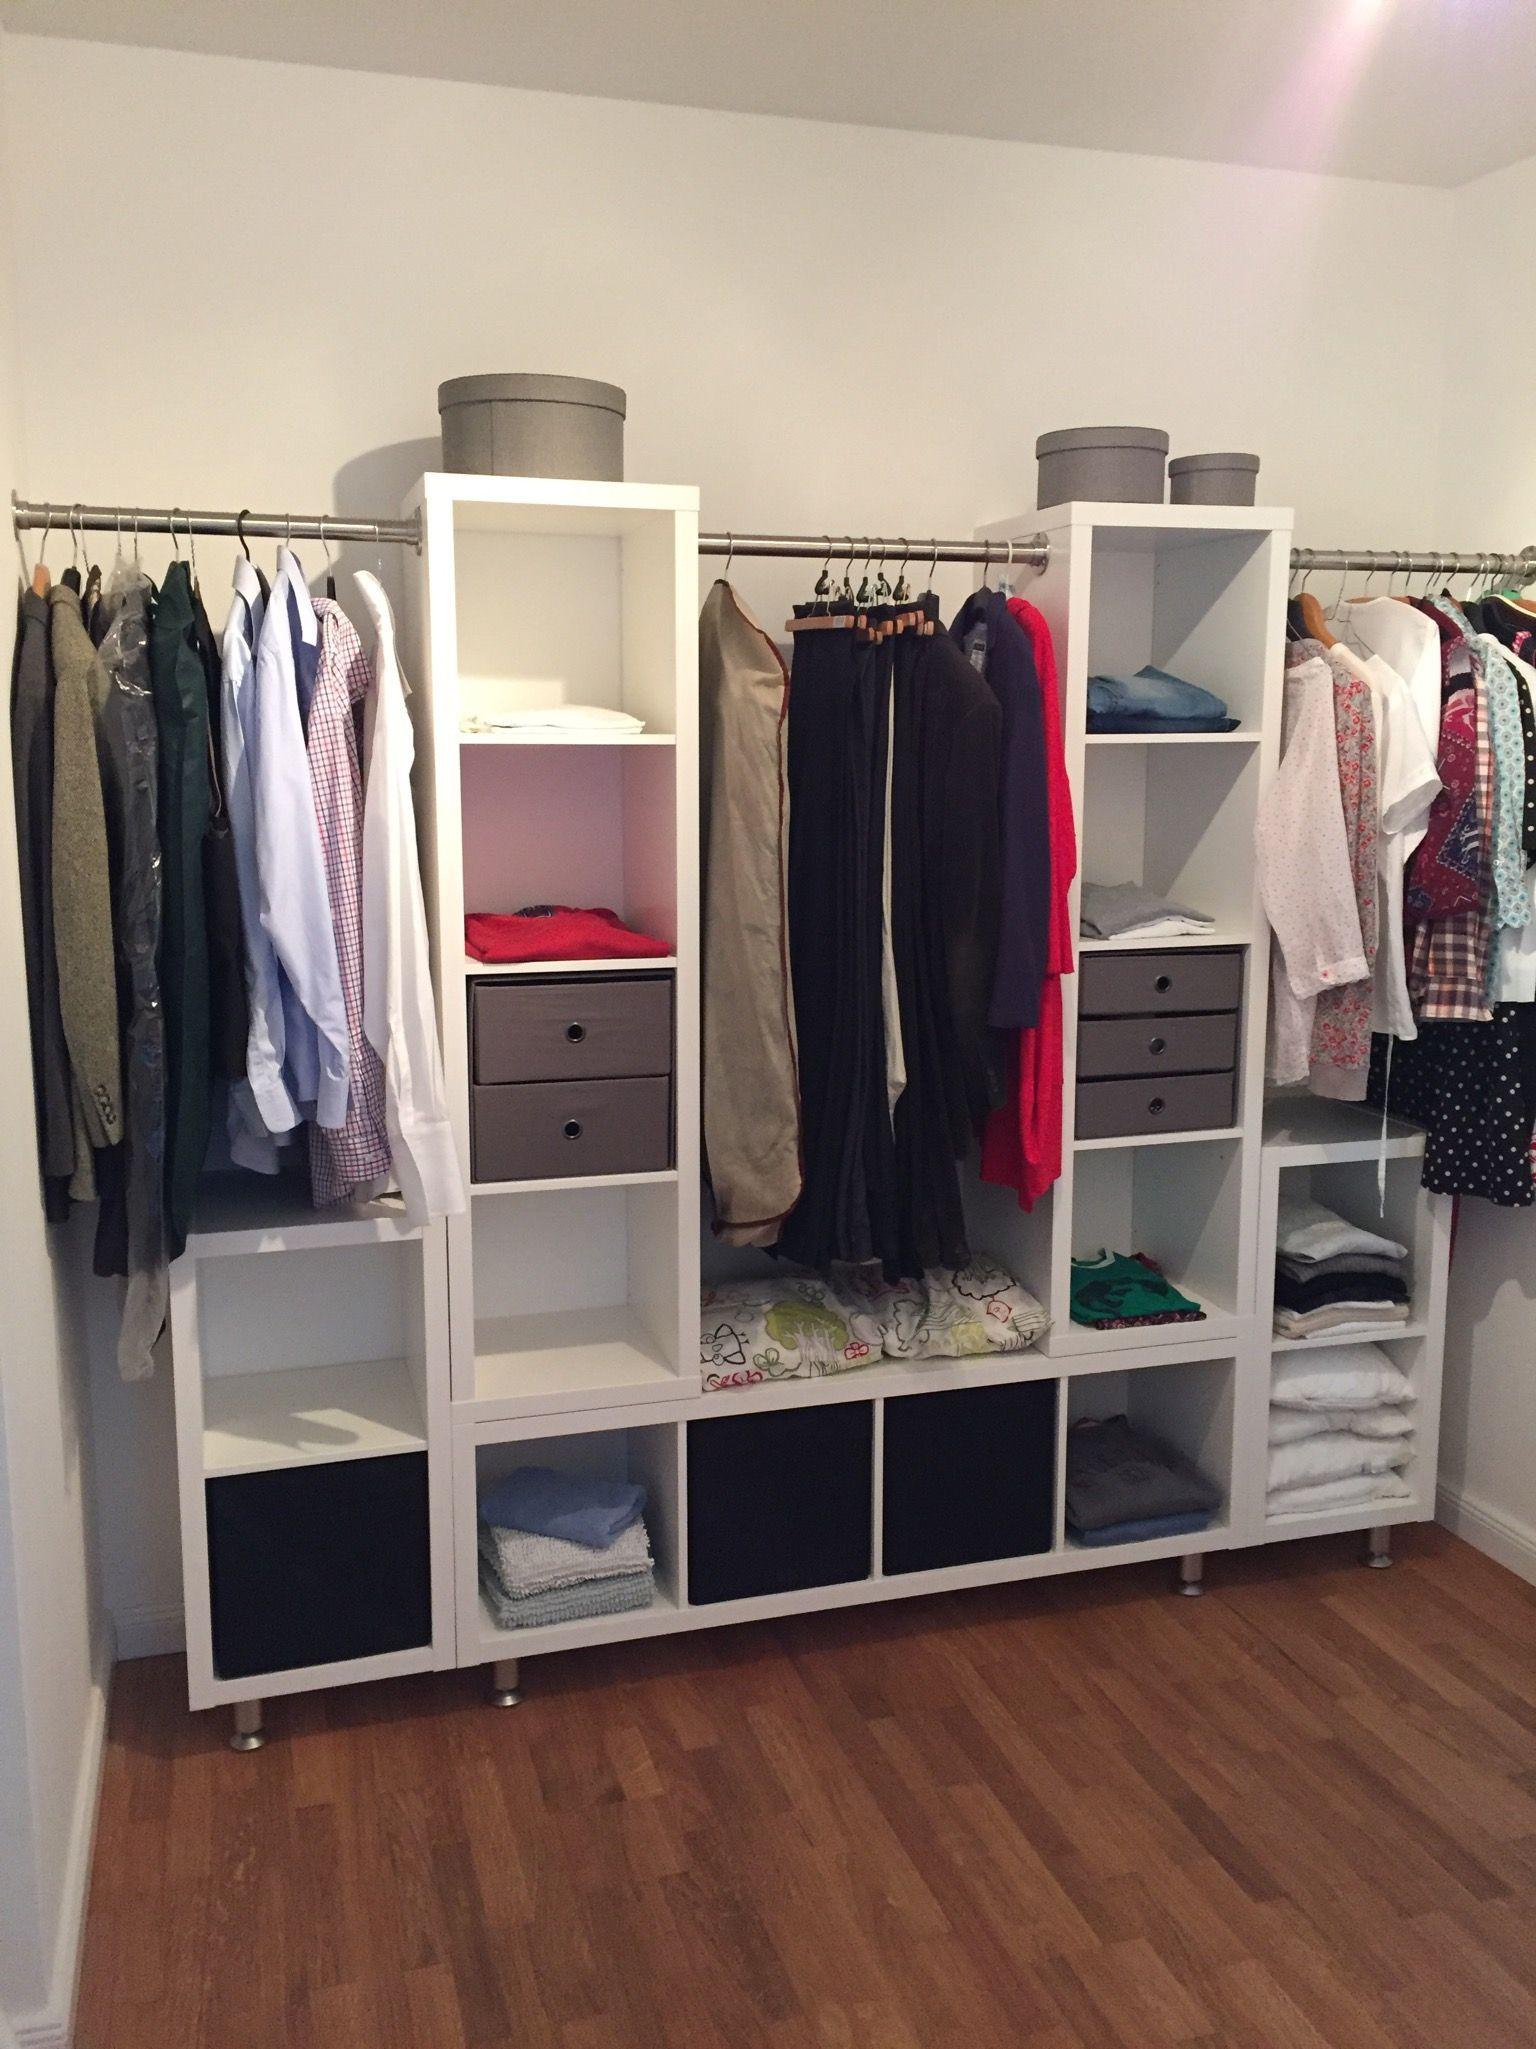 Kleiderschrank Ikea Kallax Stangen Und Die Fusse Uber Ebay Ikea Kleiderschrank Garderobe Ikea Schrank Tipps